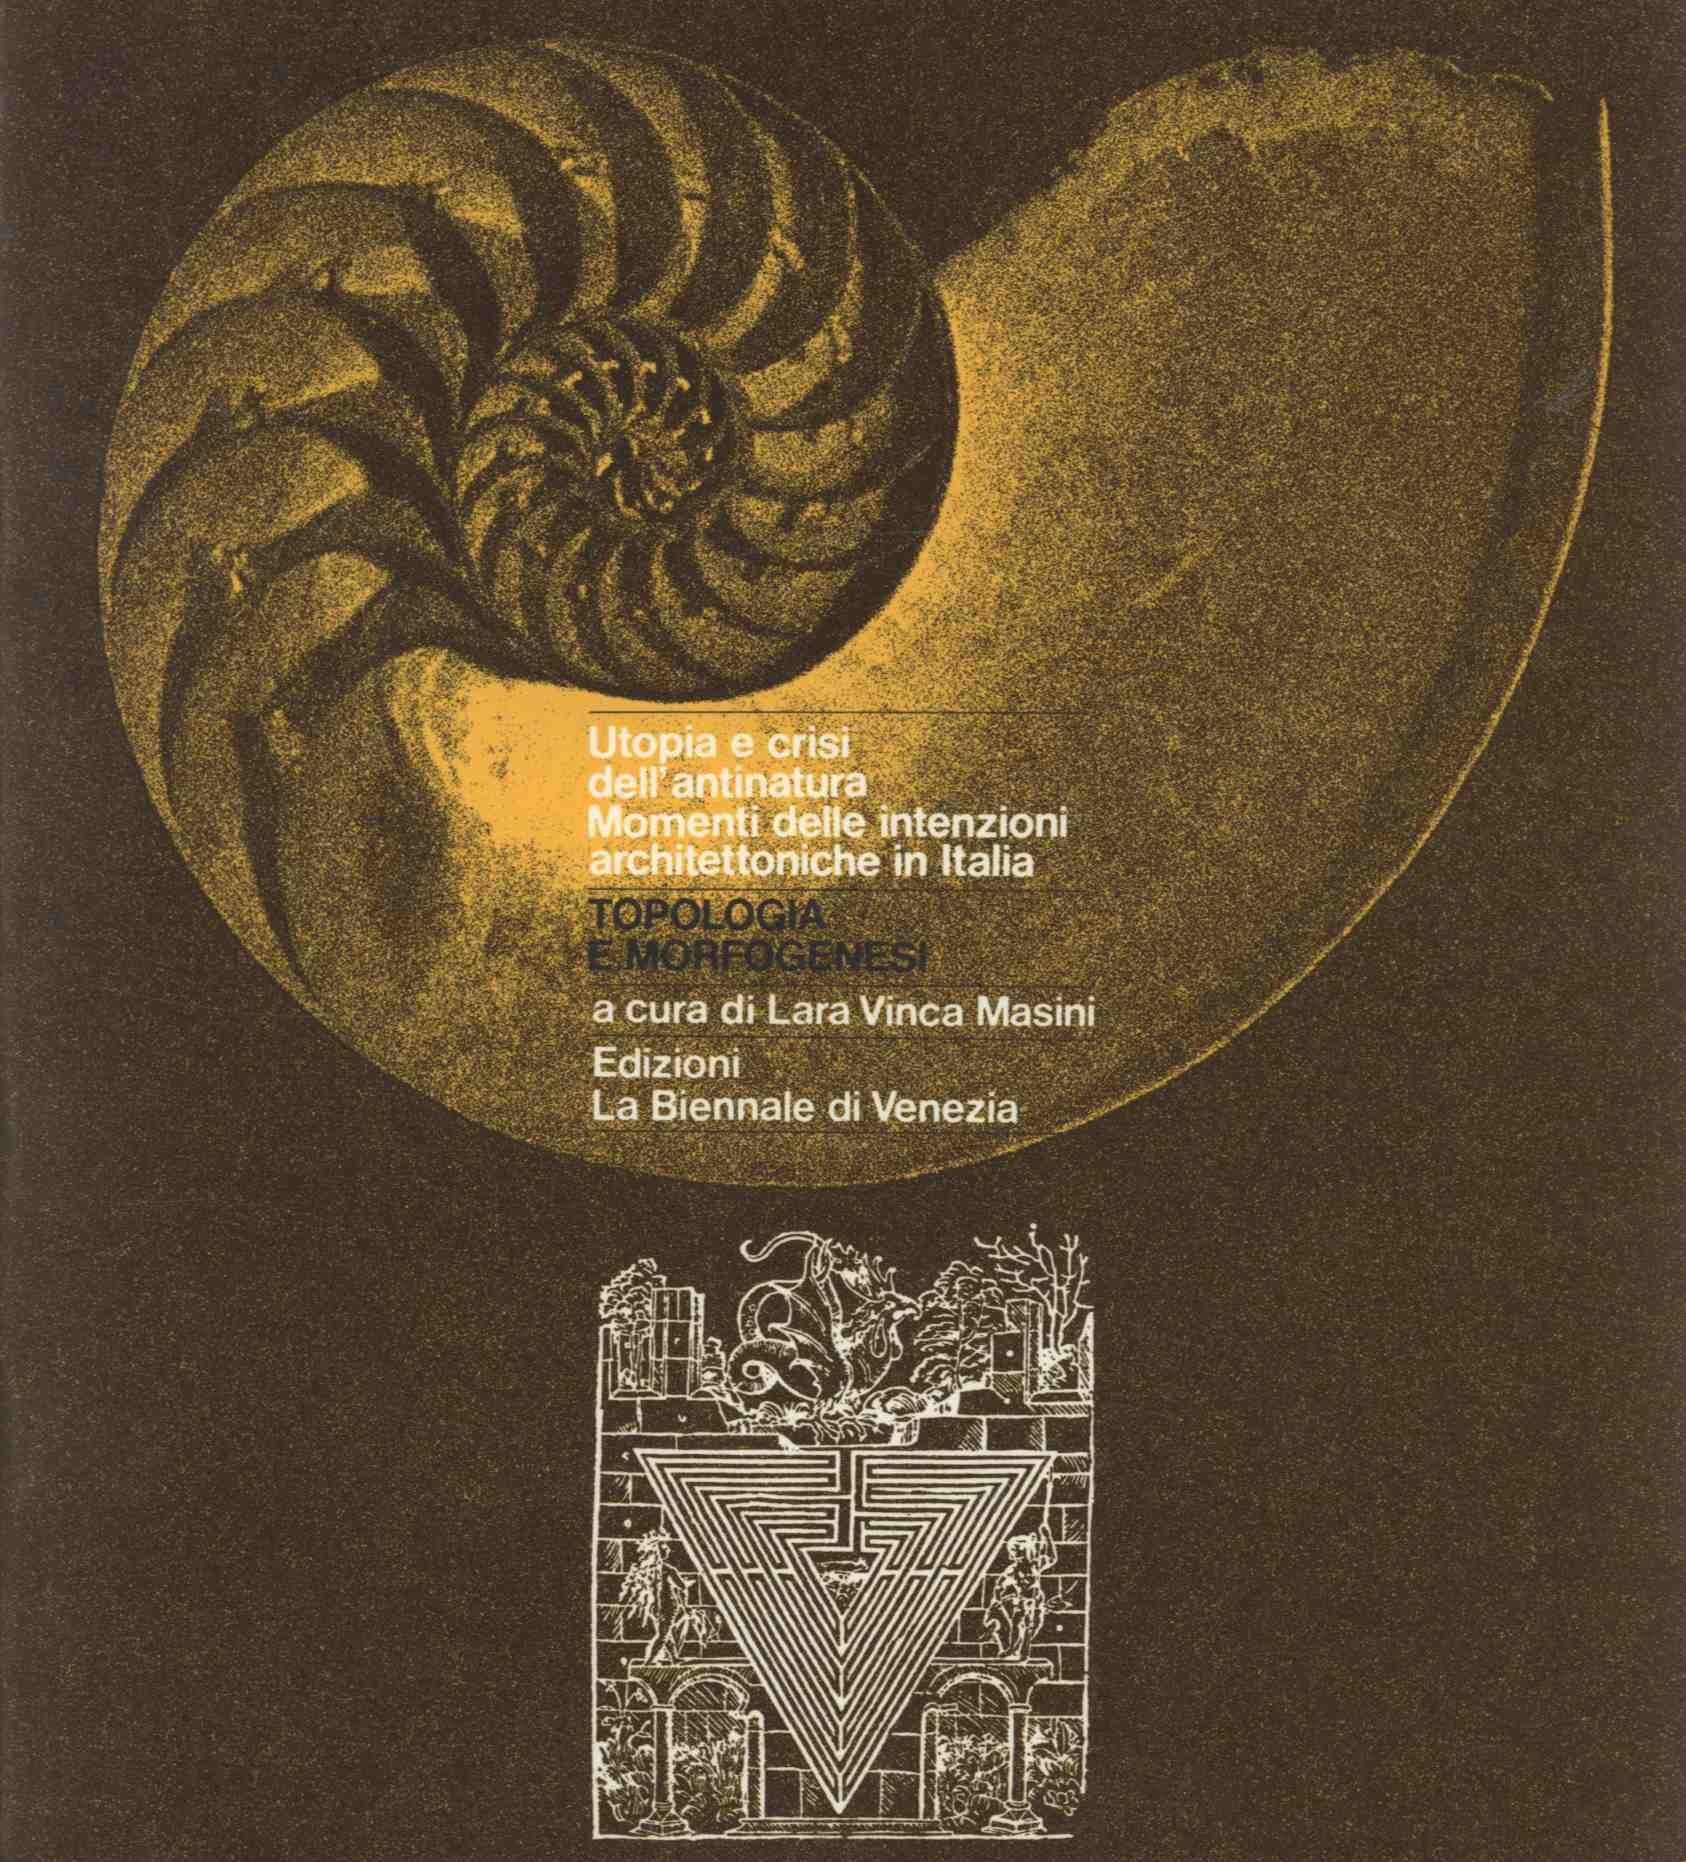 Topologia e morfogenesi. Utopia e crisi dell'antinatura. Momenti delle intenzioni architettoniche in Italia (Edizioni La Biennale di Venezia, Venezia 1978)